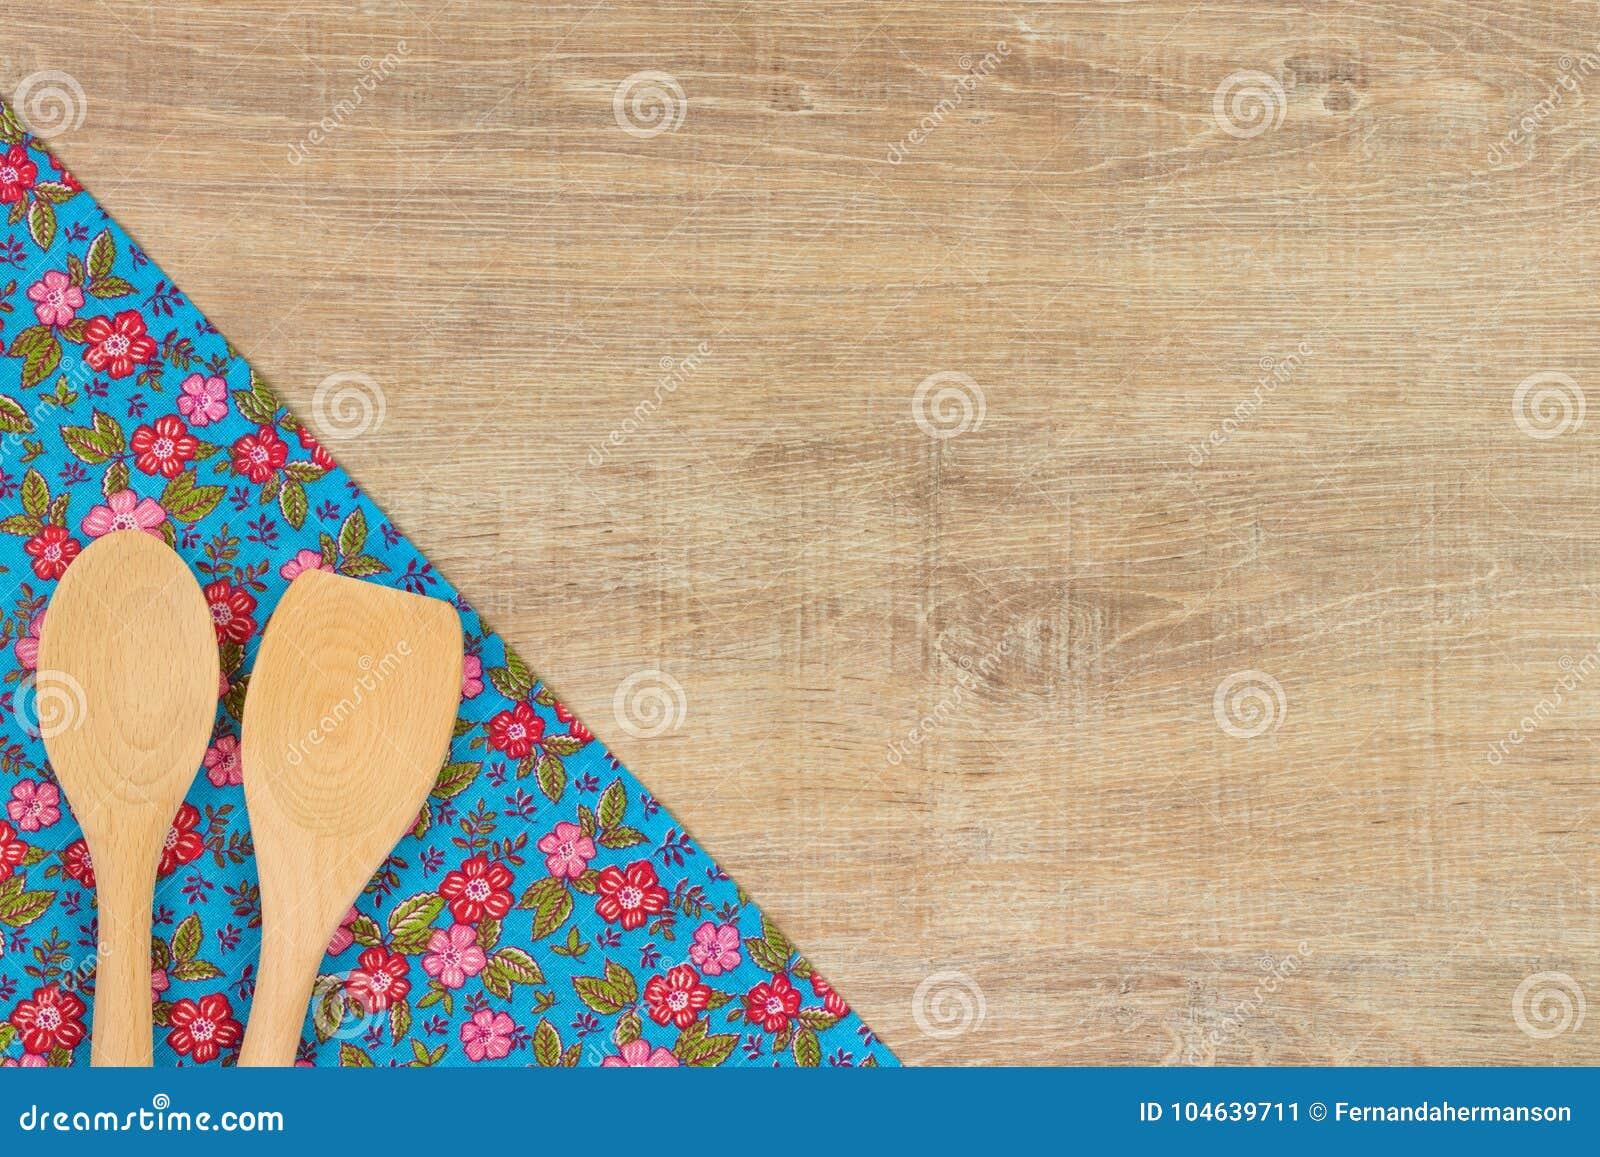 Download Reeks houten keukengerei stock afbeelding. Afbeelding bestaande uit picknick - 104639711